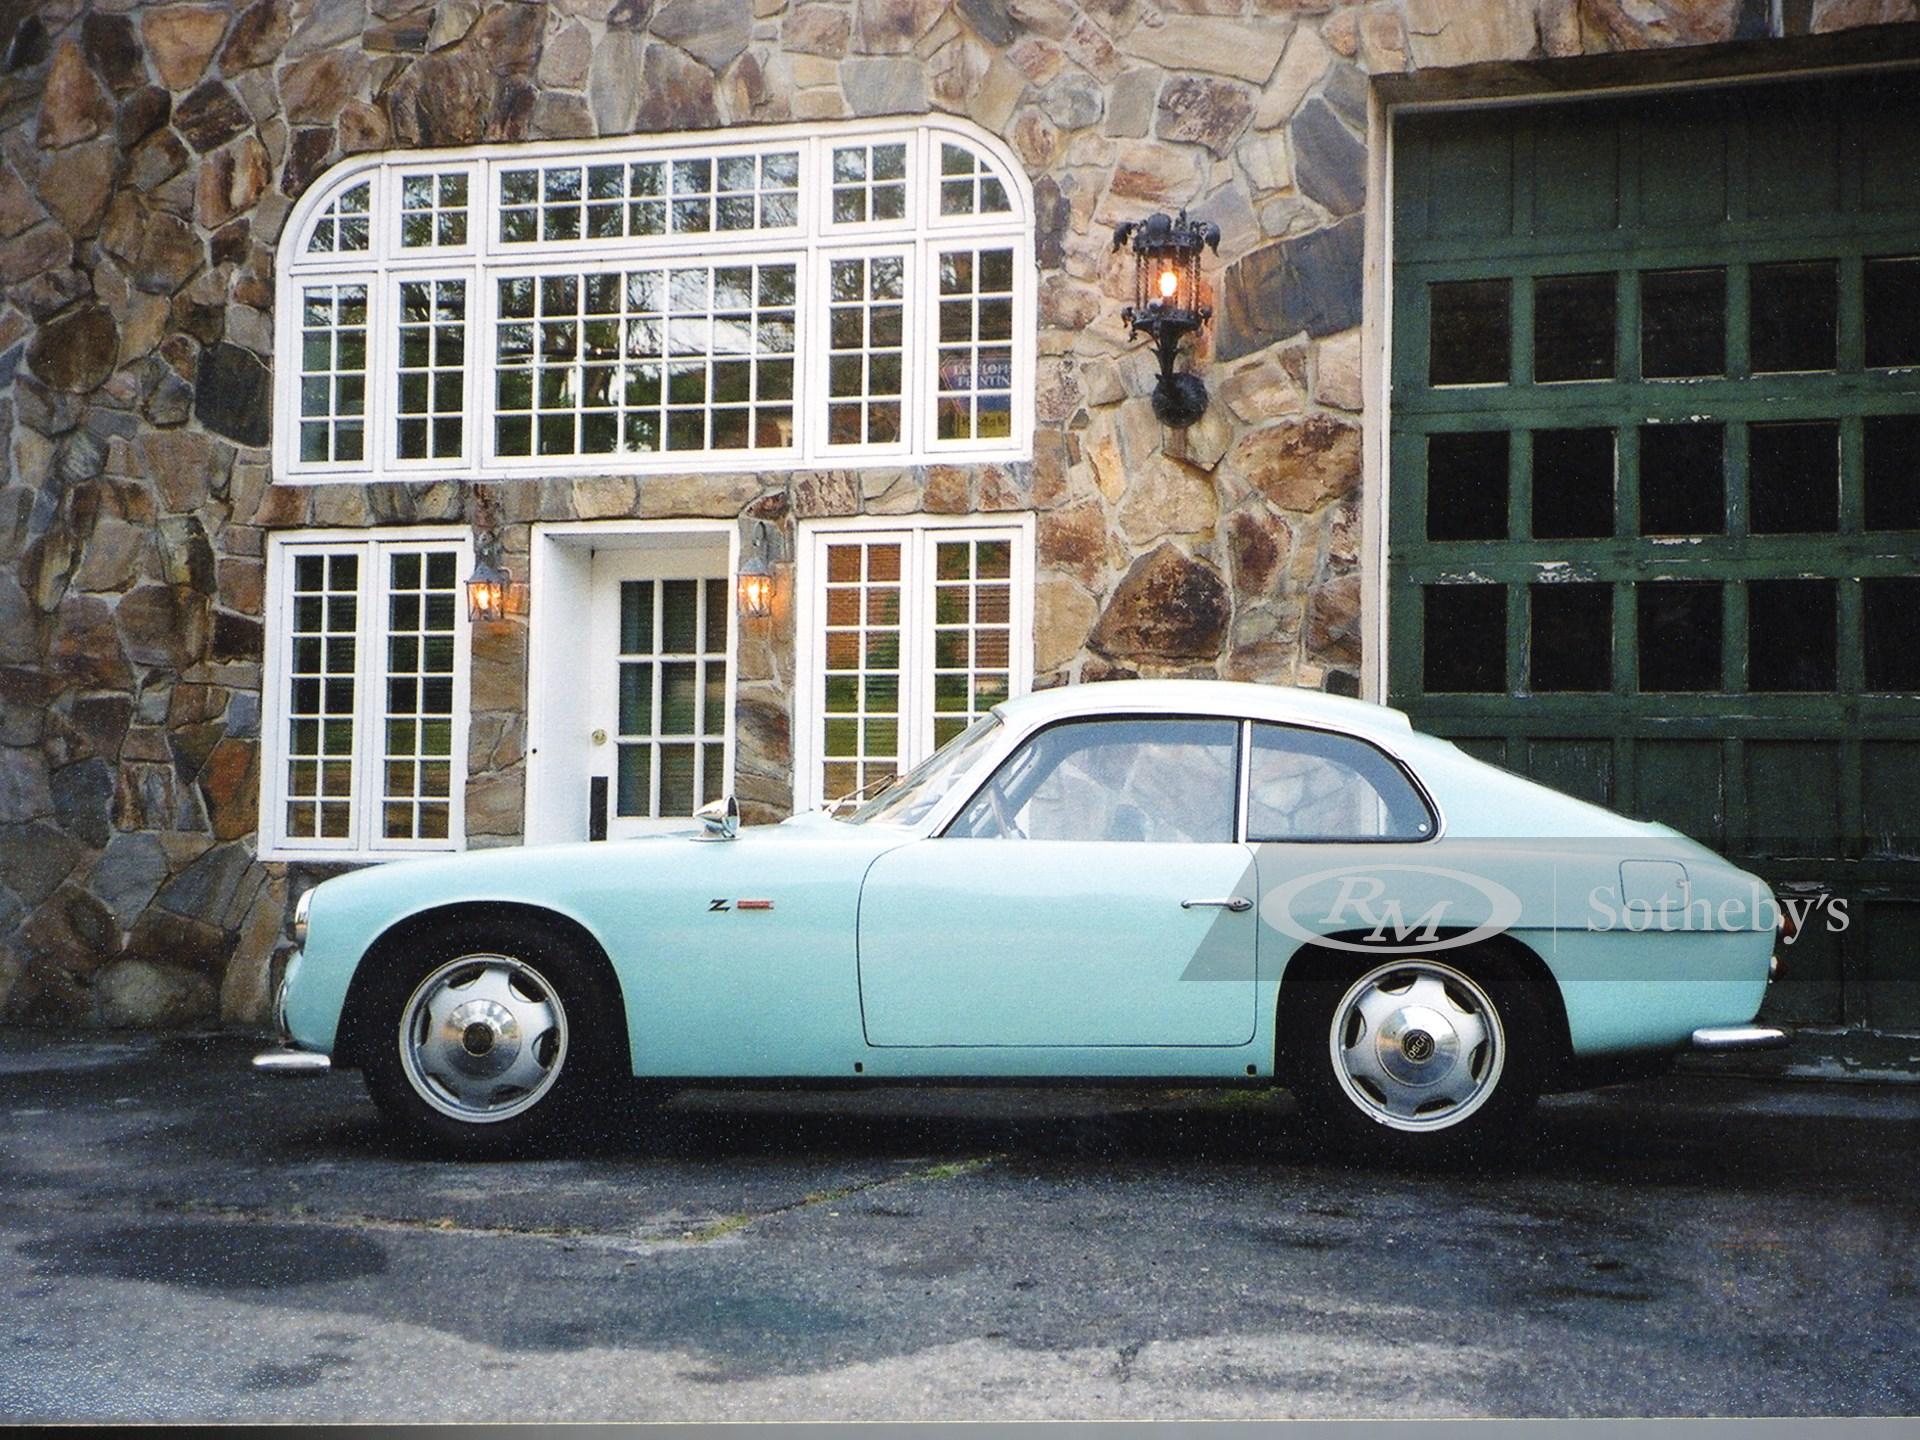 1965 Osca 1600 GT Zagato Coupe